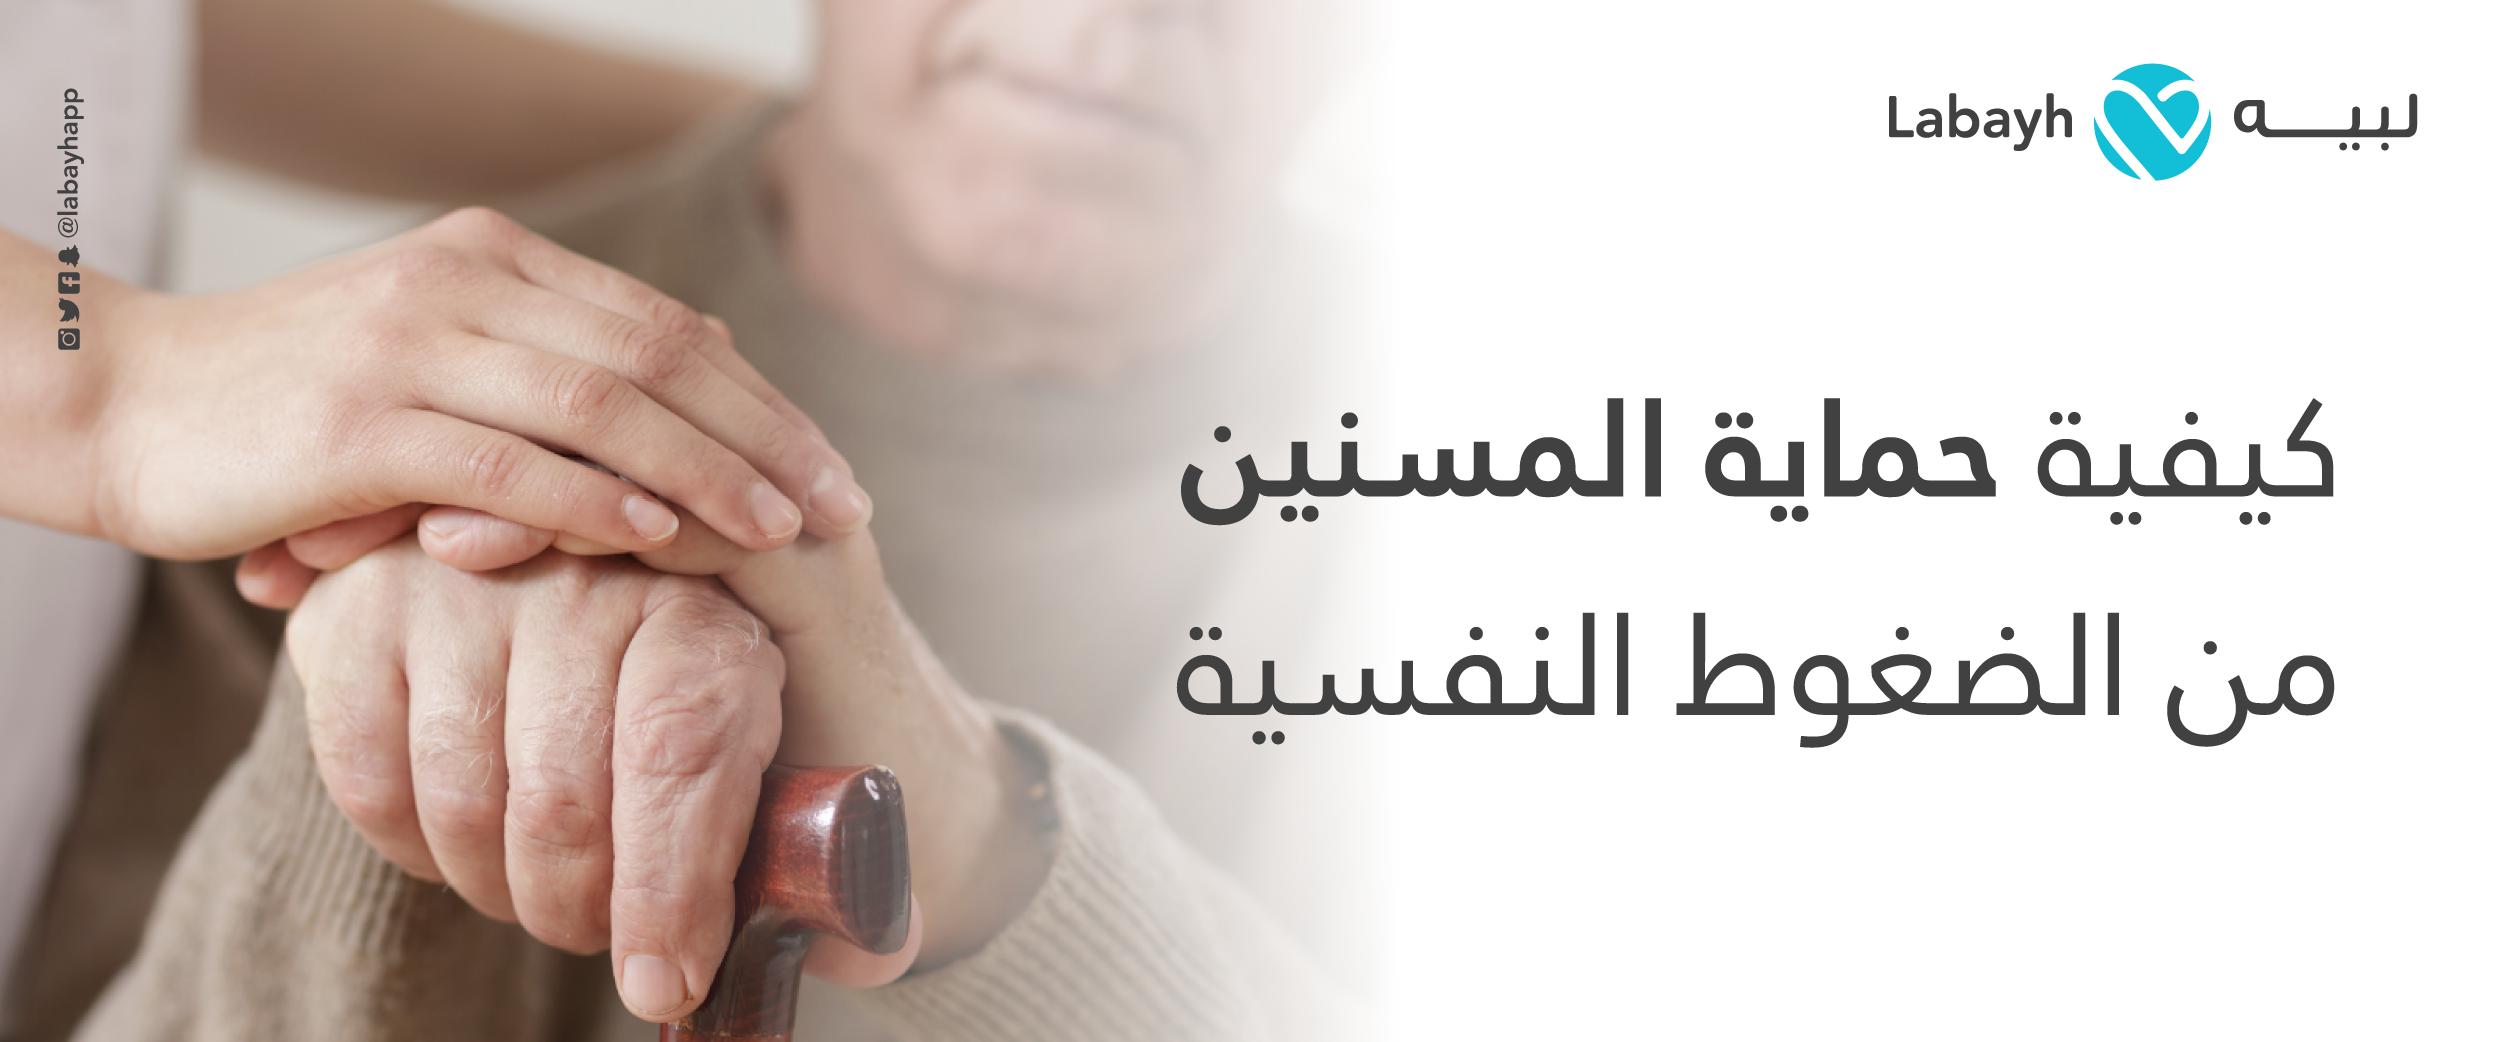 كيفية حماية المسنين من الضغوط النفسية